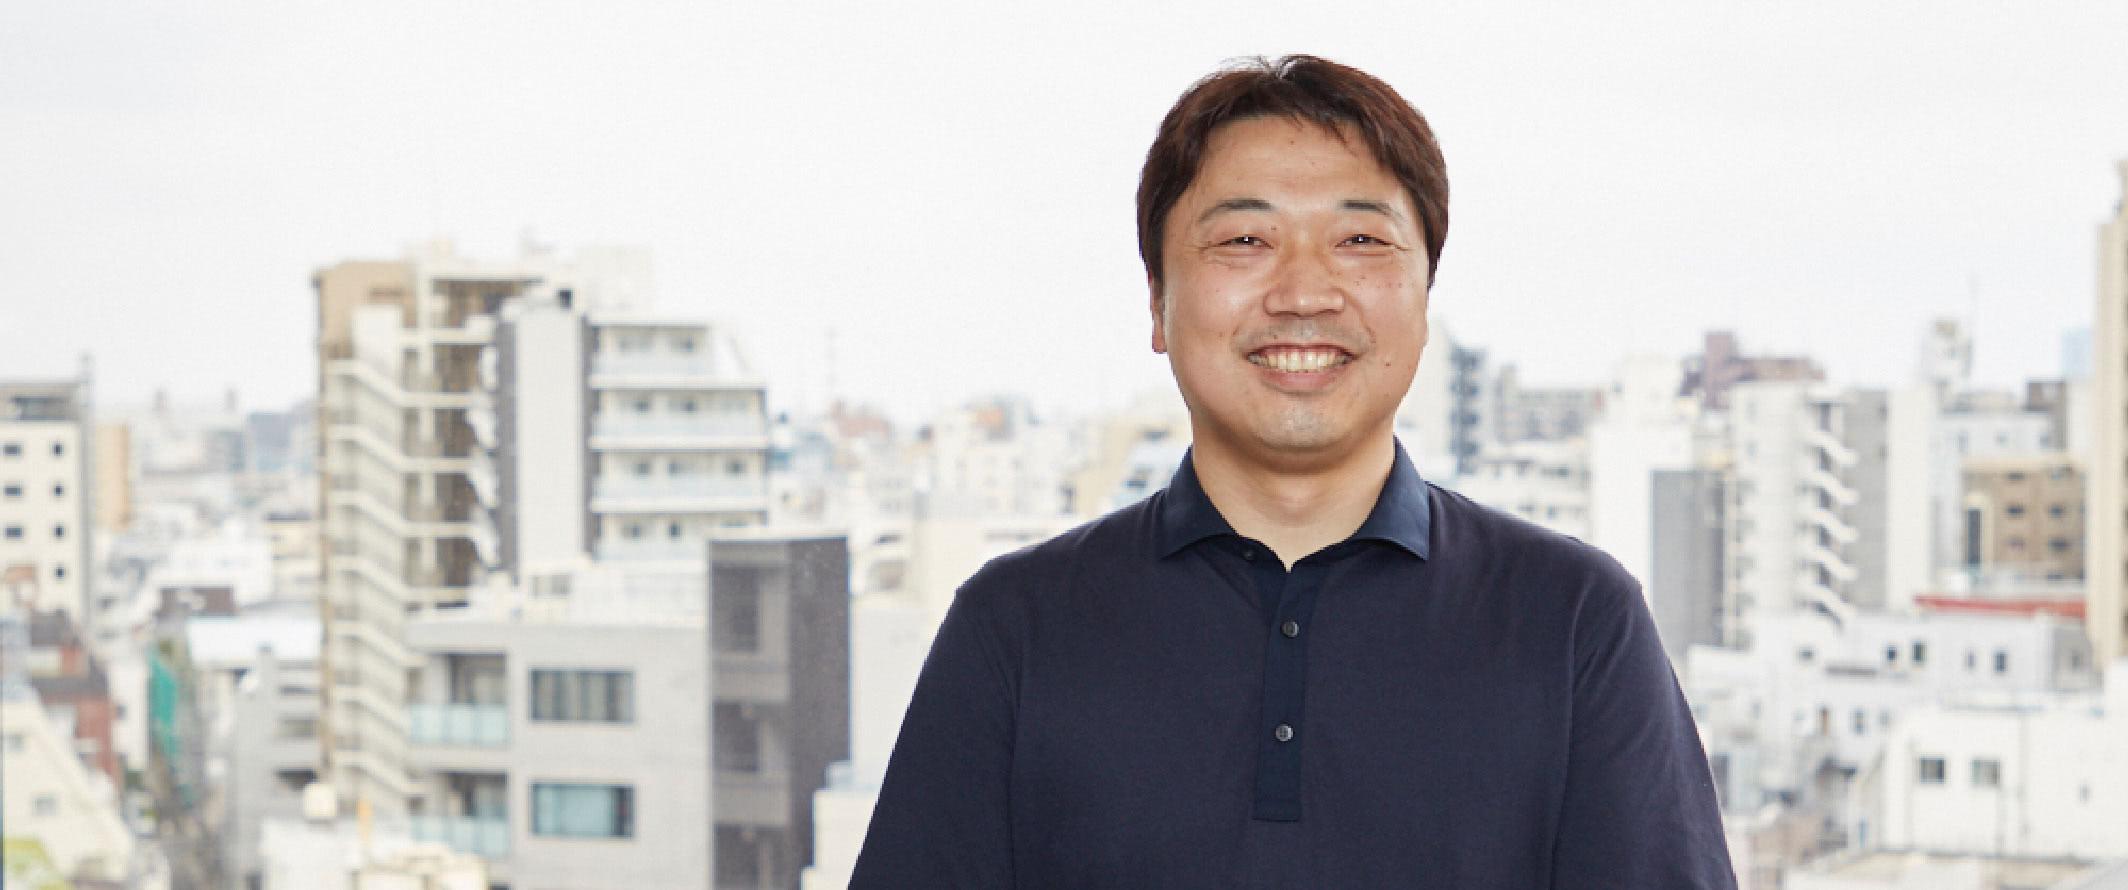 佐々木 功介|技術部 係長 2014年入社